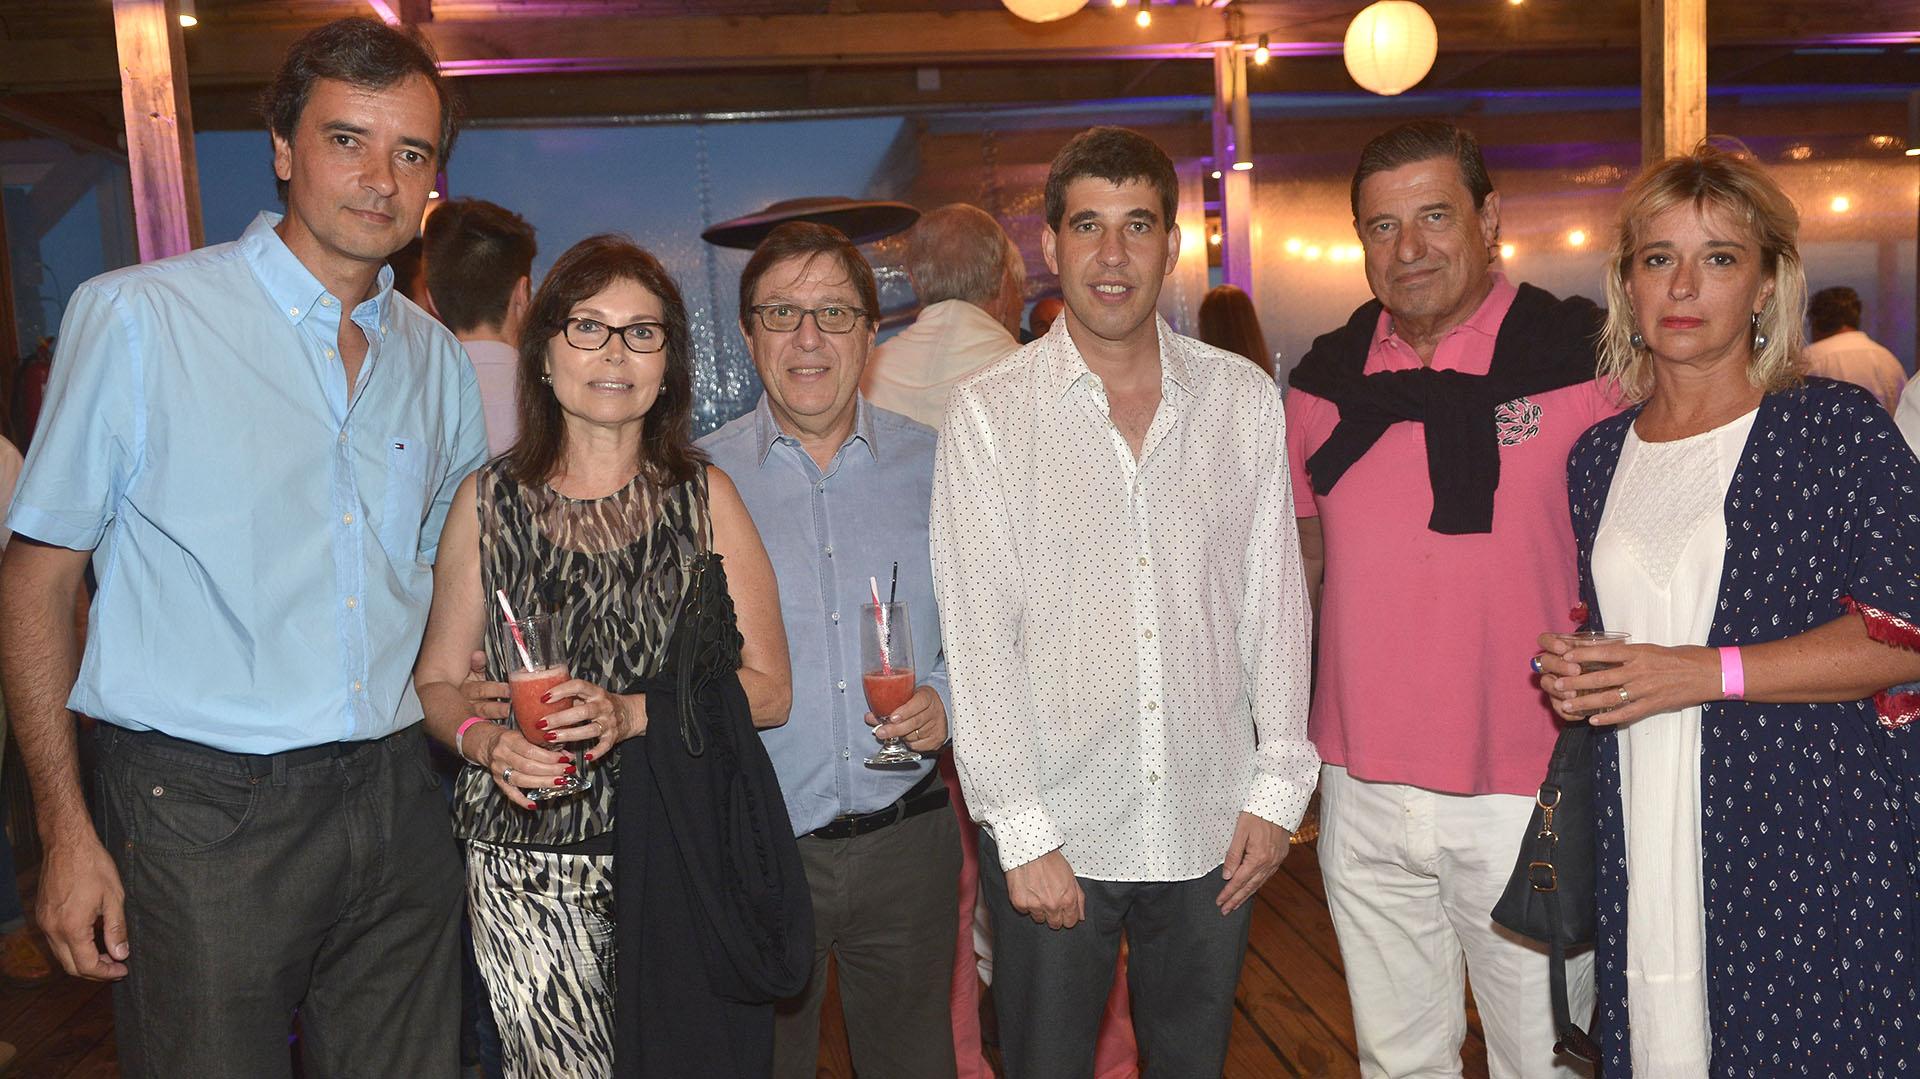 Carlos Casto, Miguel Kiguel y Sra, Alejandro Simon y Bernardo Berro y Sra.